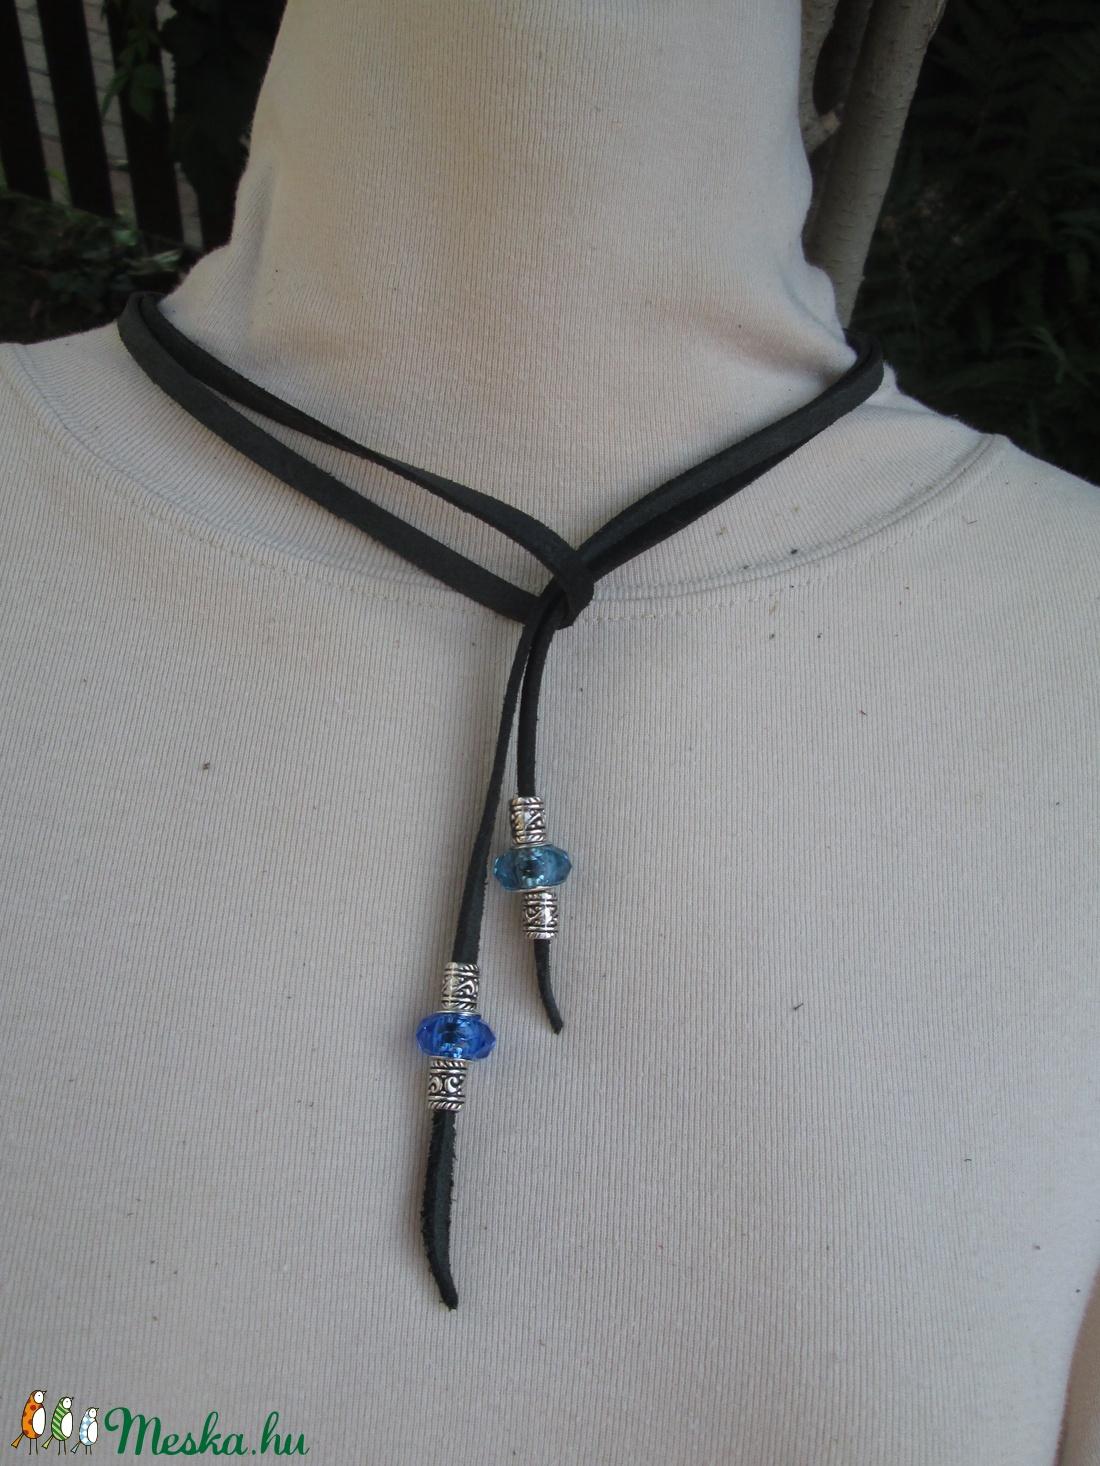 AKCIÓ!!!! Érdekes megoldású nyaklánc üveggyönggyel és fémgyönggyel - Meska.hu